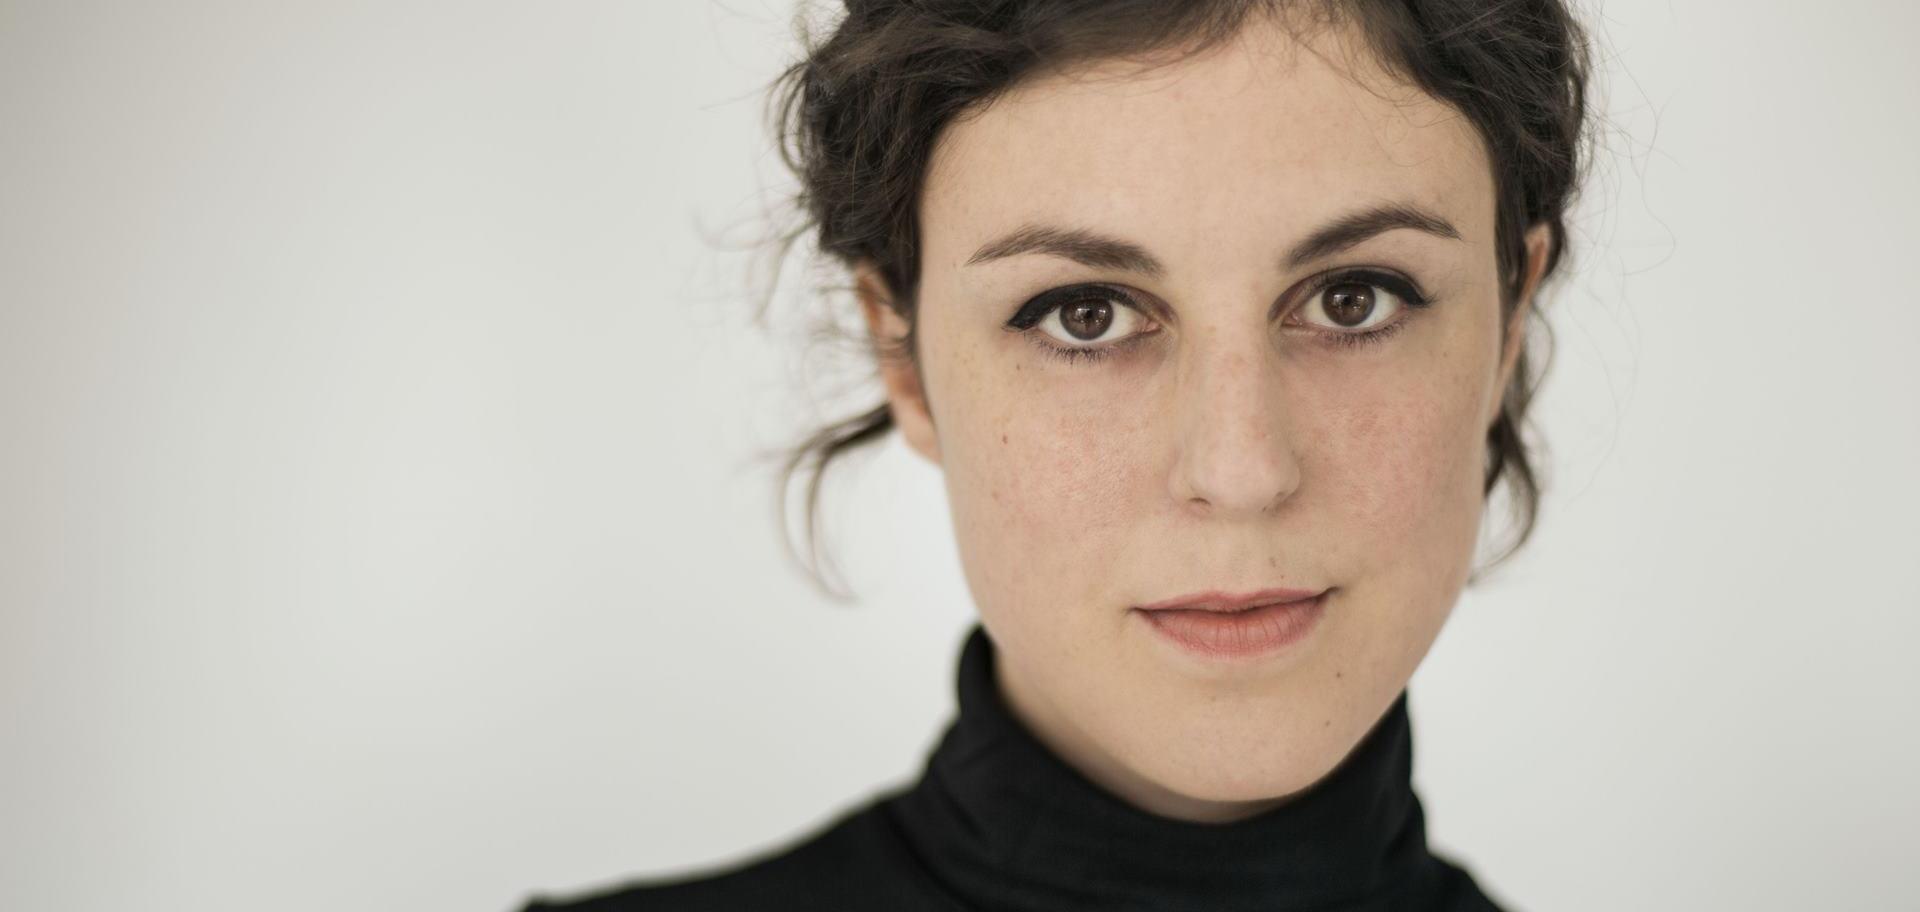 Hablamos con Lucía Carballal sobre 'Las últimas'